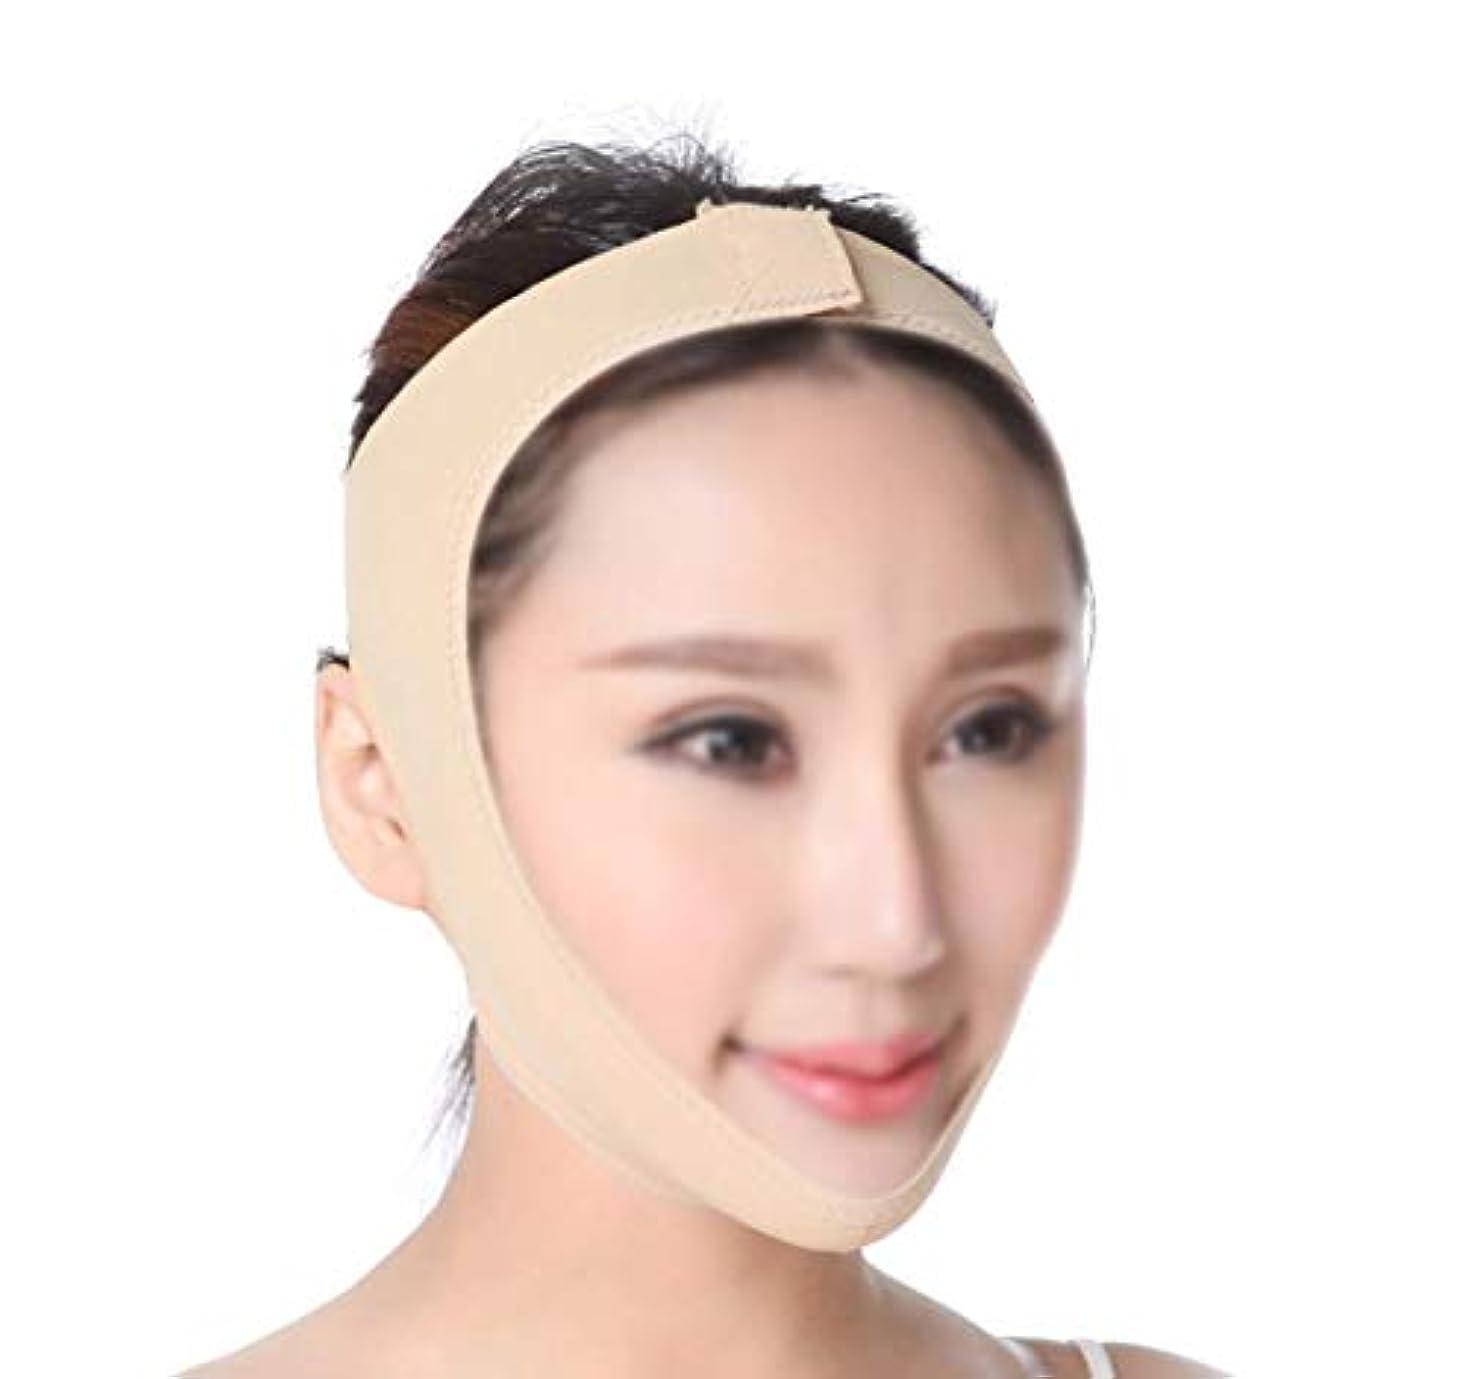 フェイスリフティング包帯、フェイシャル減量アンチシワケアフェイスリフトで肌を引き締め、二重あごを効果的に改善し、V字型の顔になります(サイズ:S),M